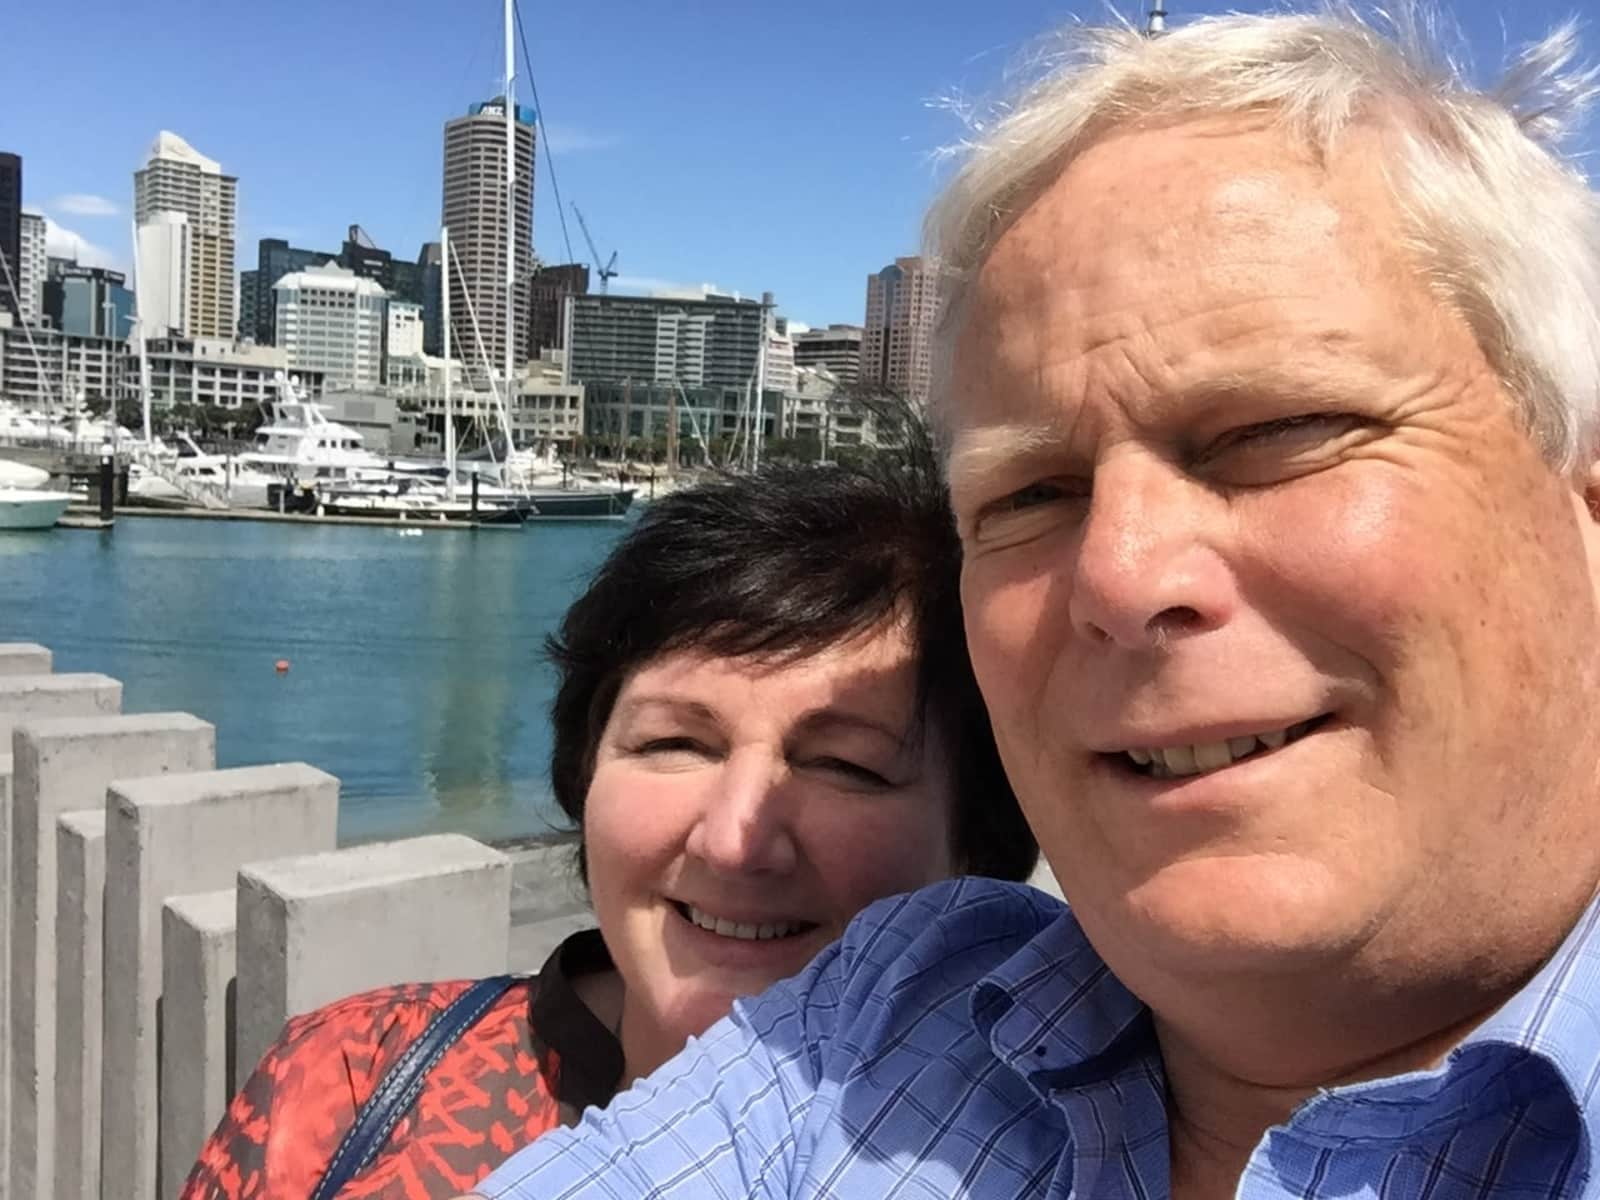 Gail & Grant from Tauranga, New Zealand